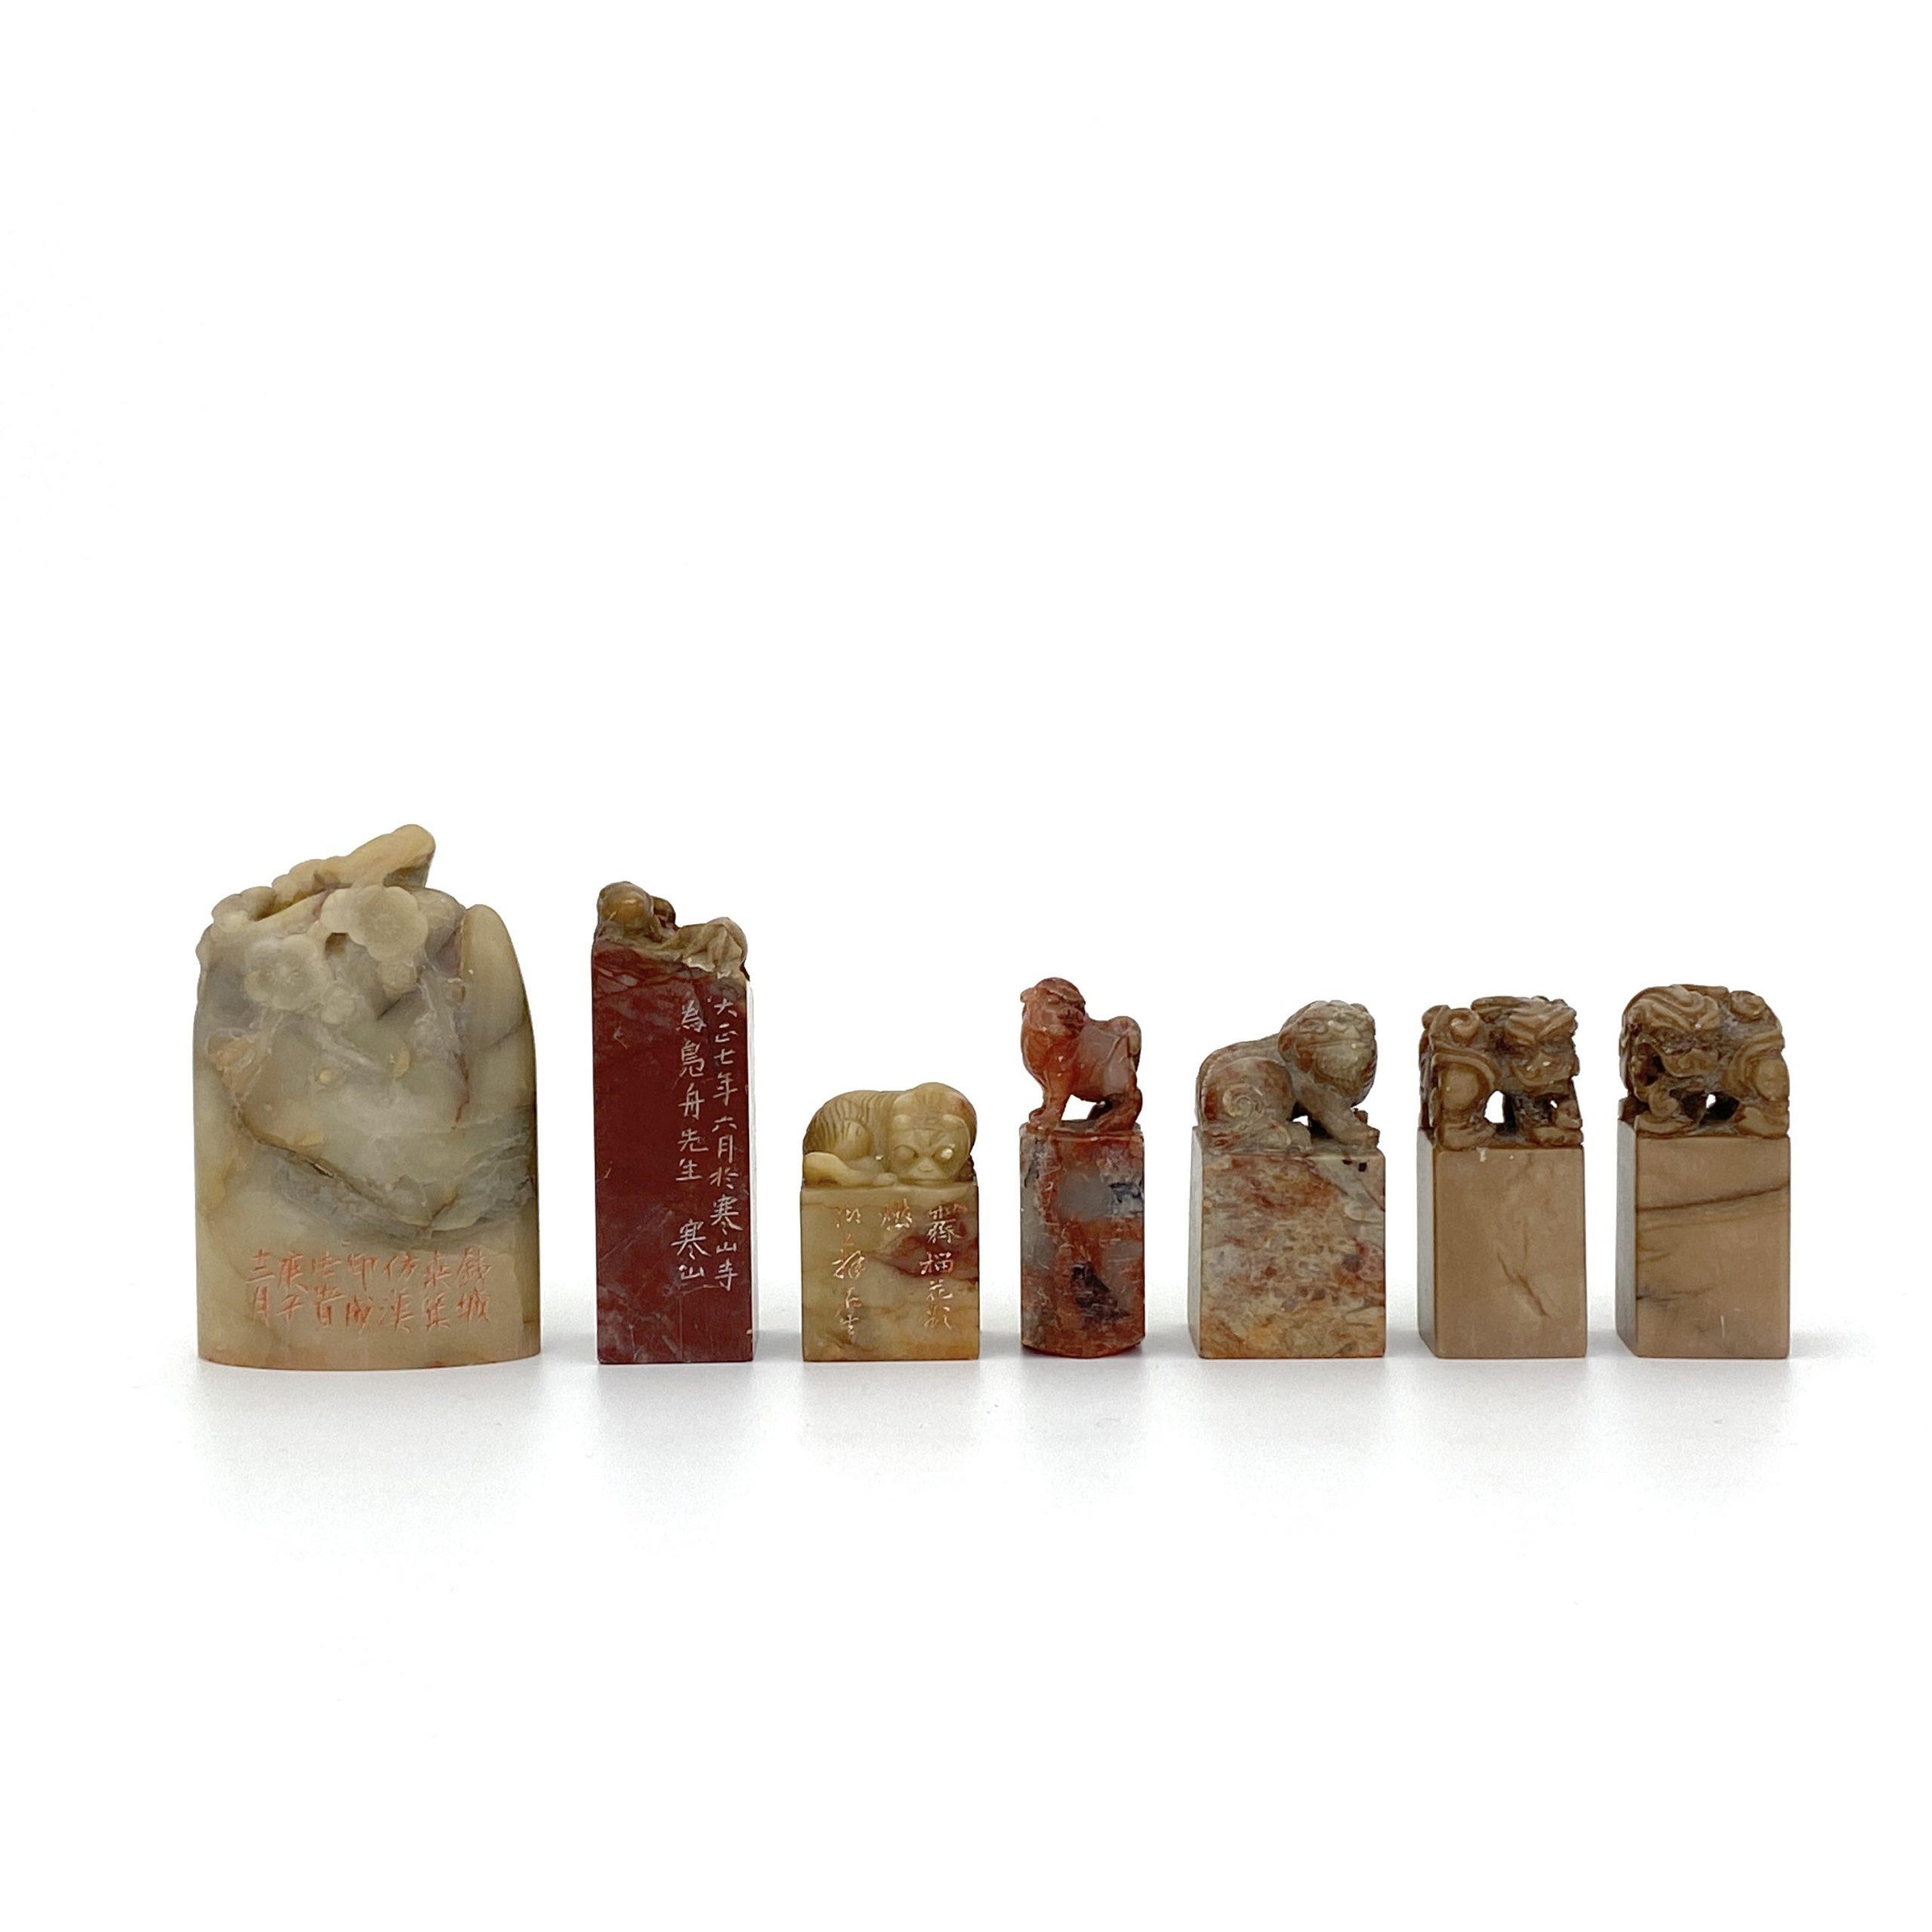 30451「銕城」款 壽山石雕 梅花紋 印章等 計7件